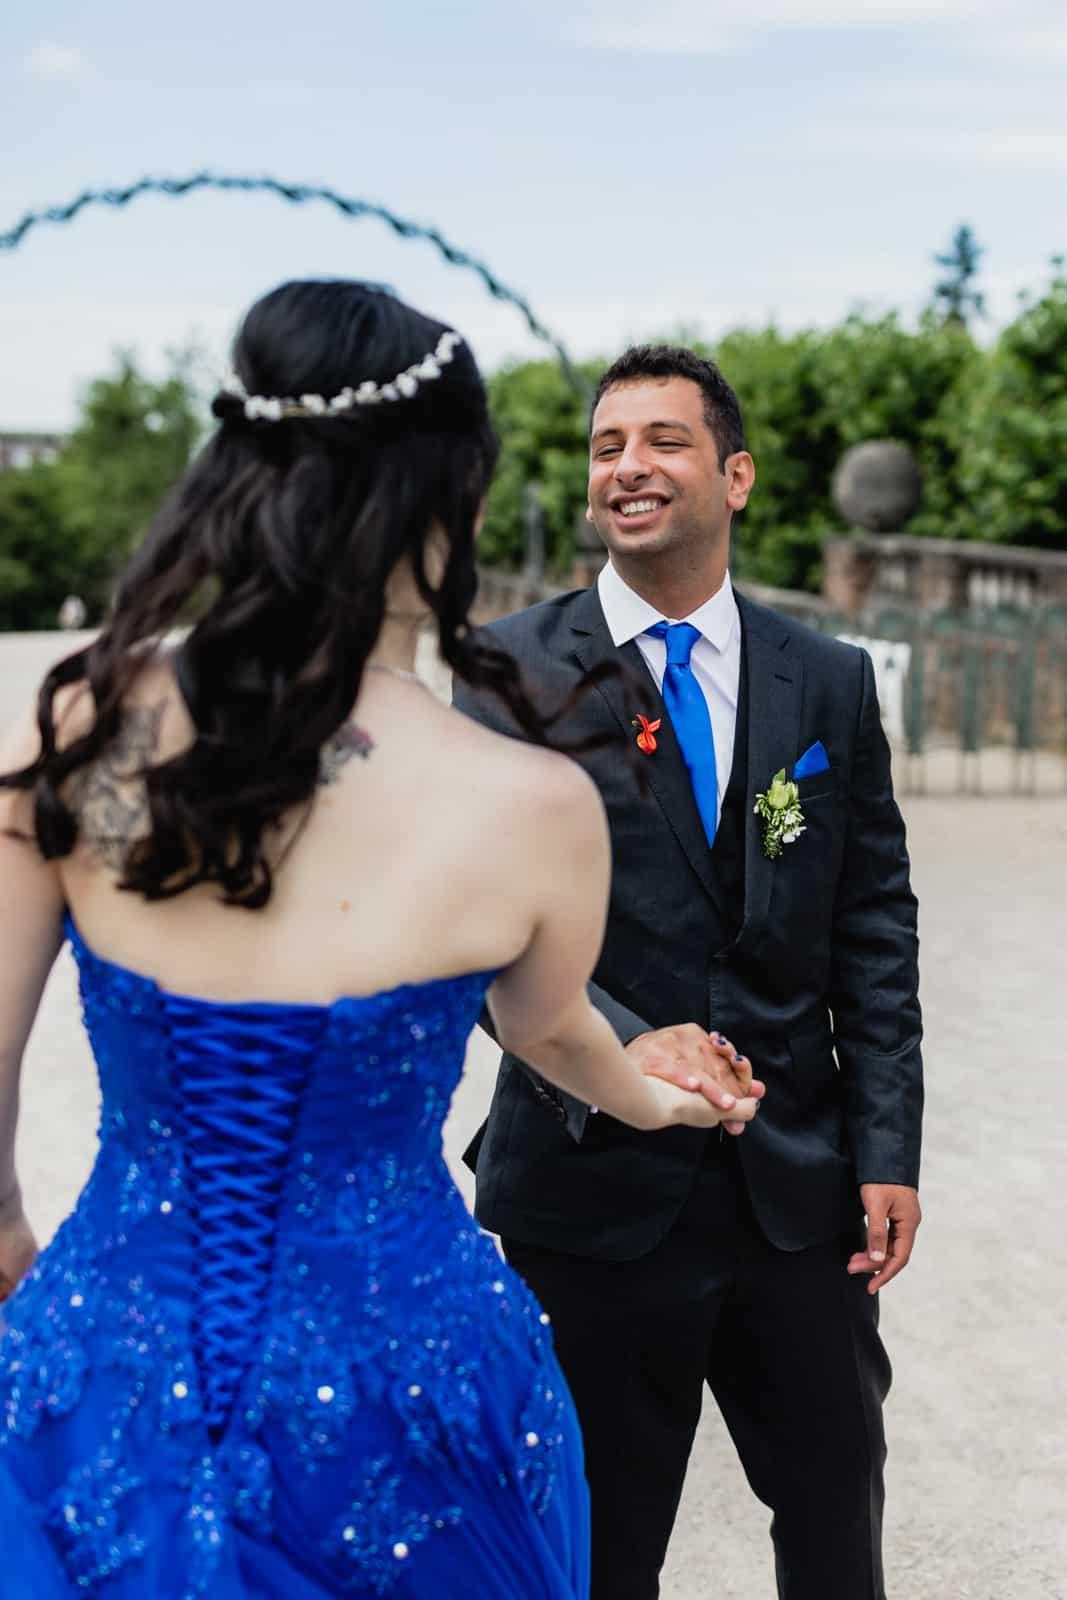 Braut und Bräutigam tanzen zusammen auf der Mathildenhöhe in Darmstadt